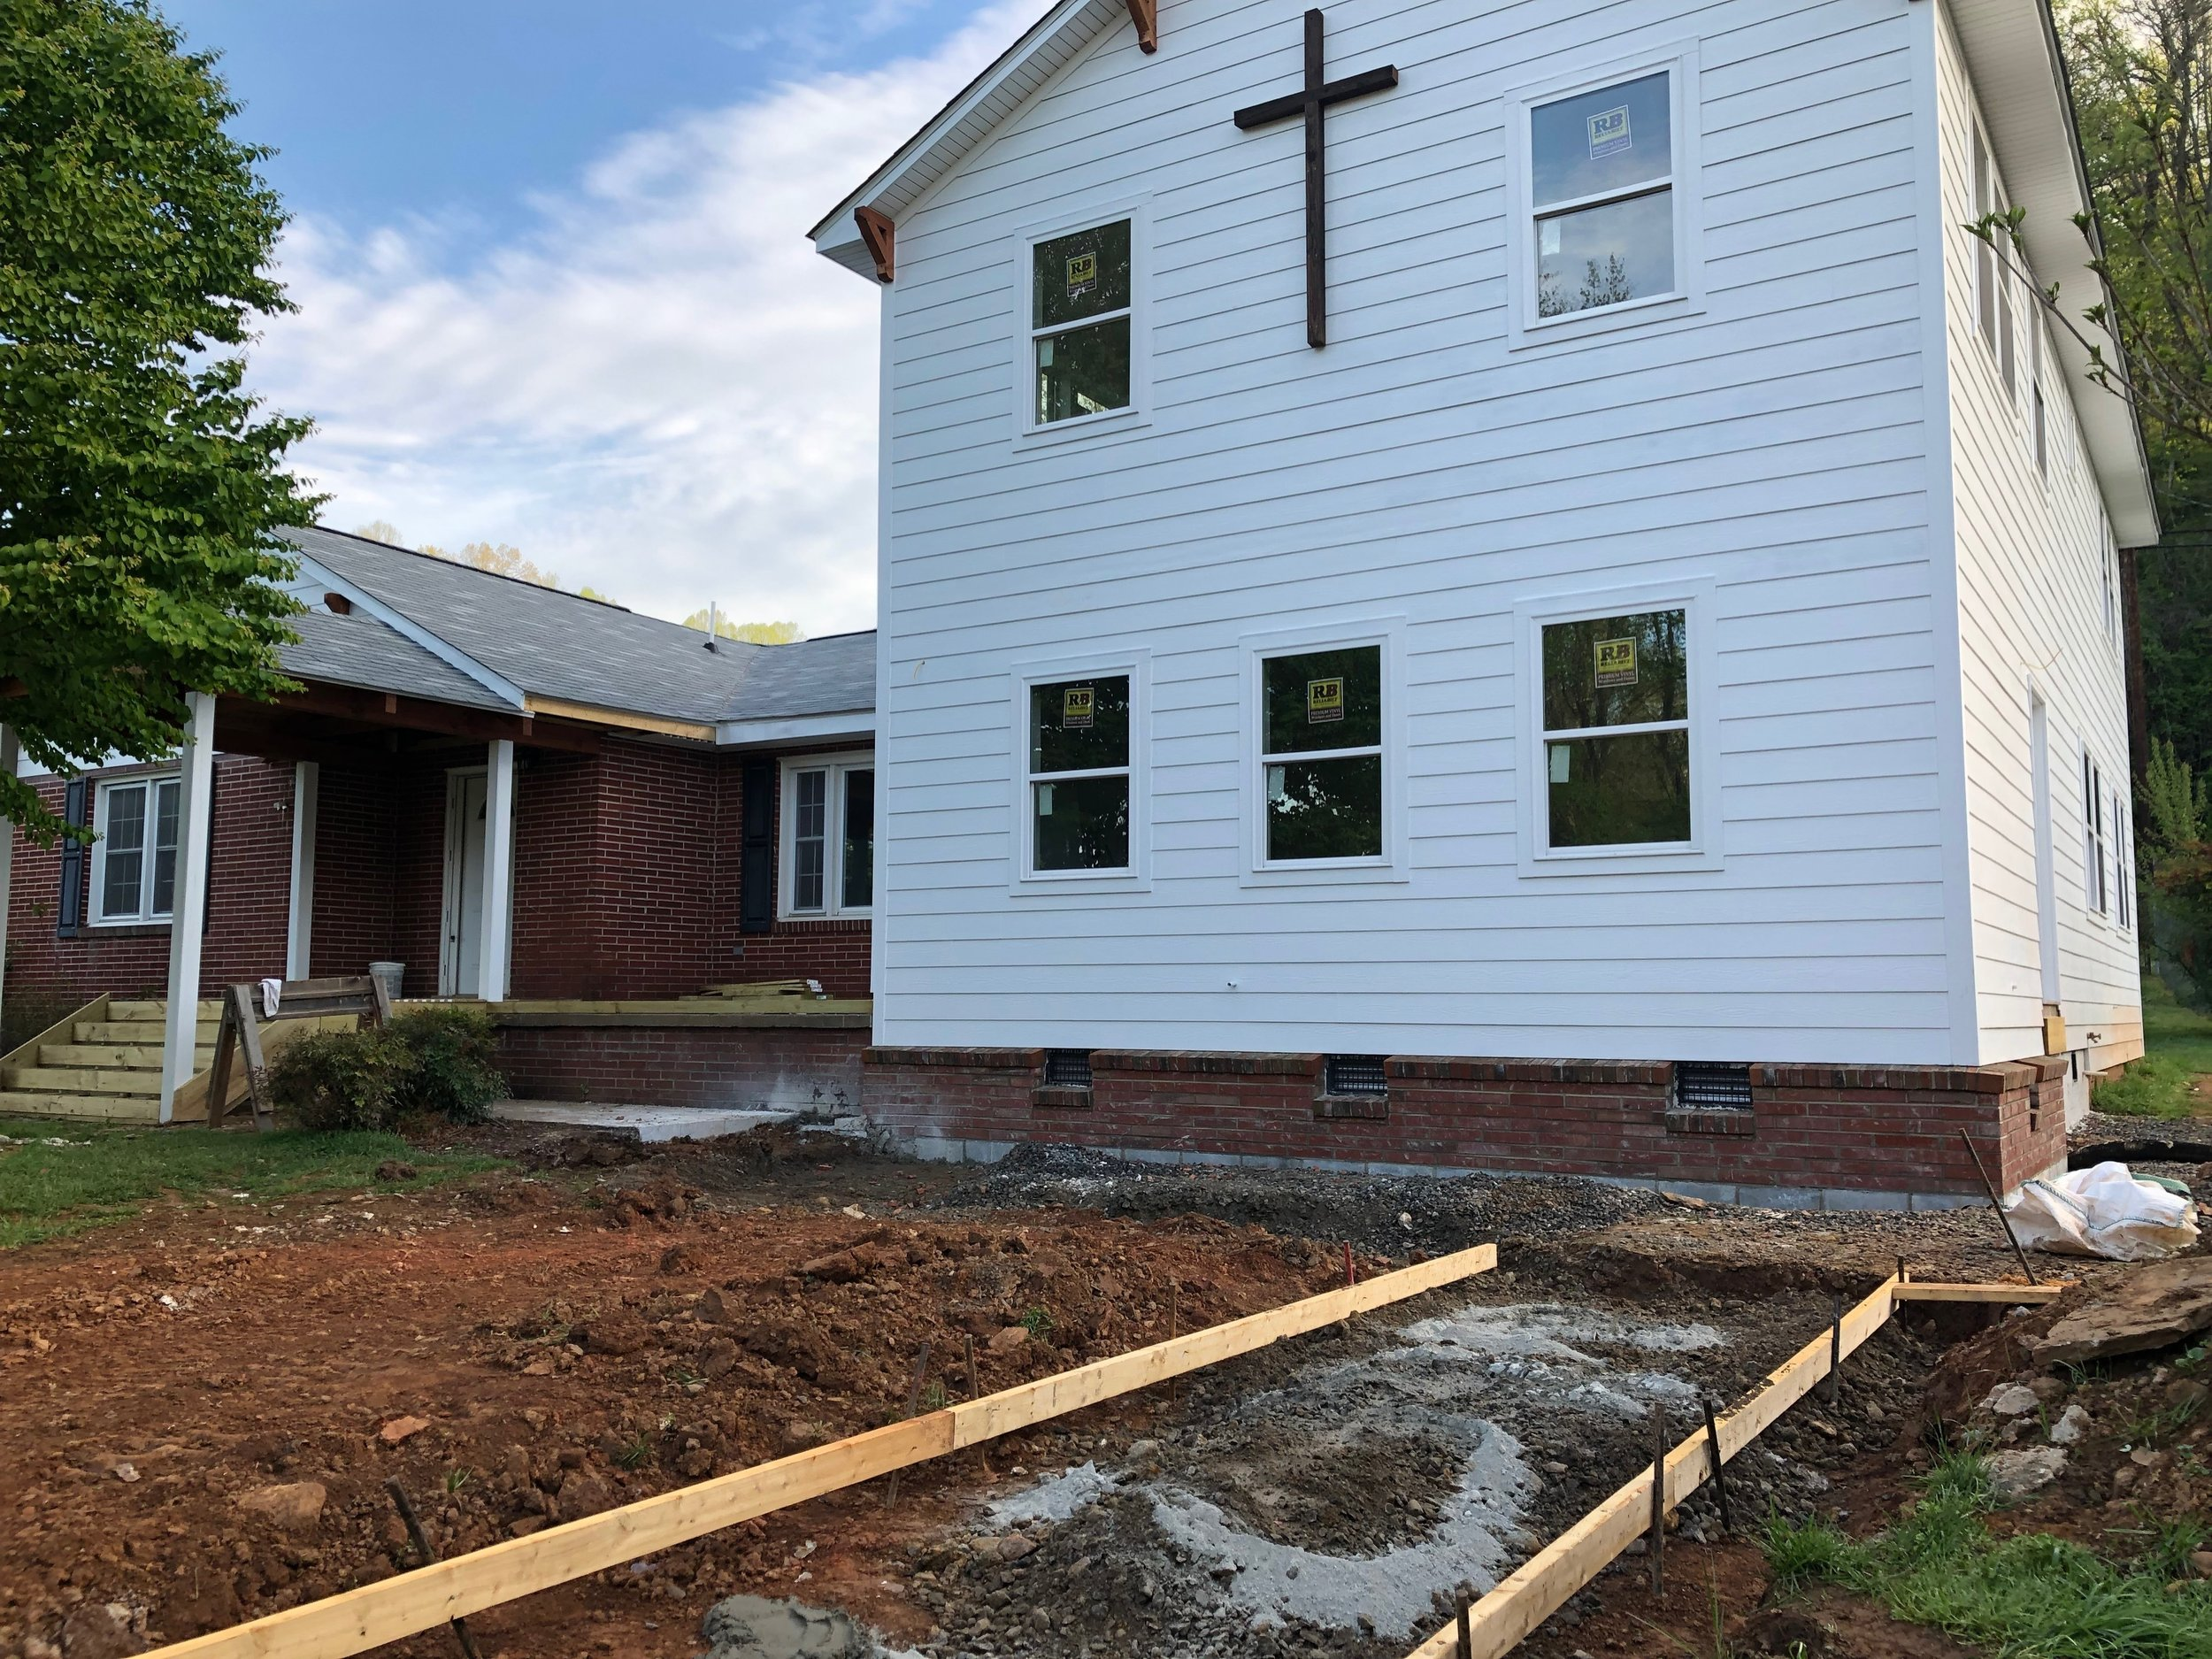 Building the sidewalk